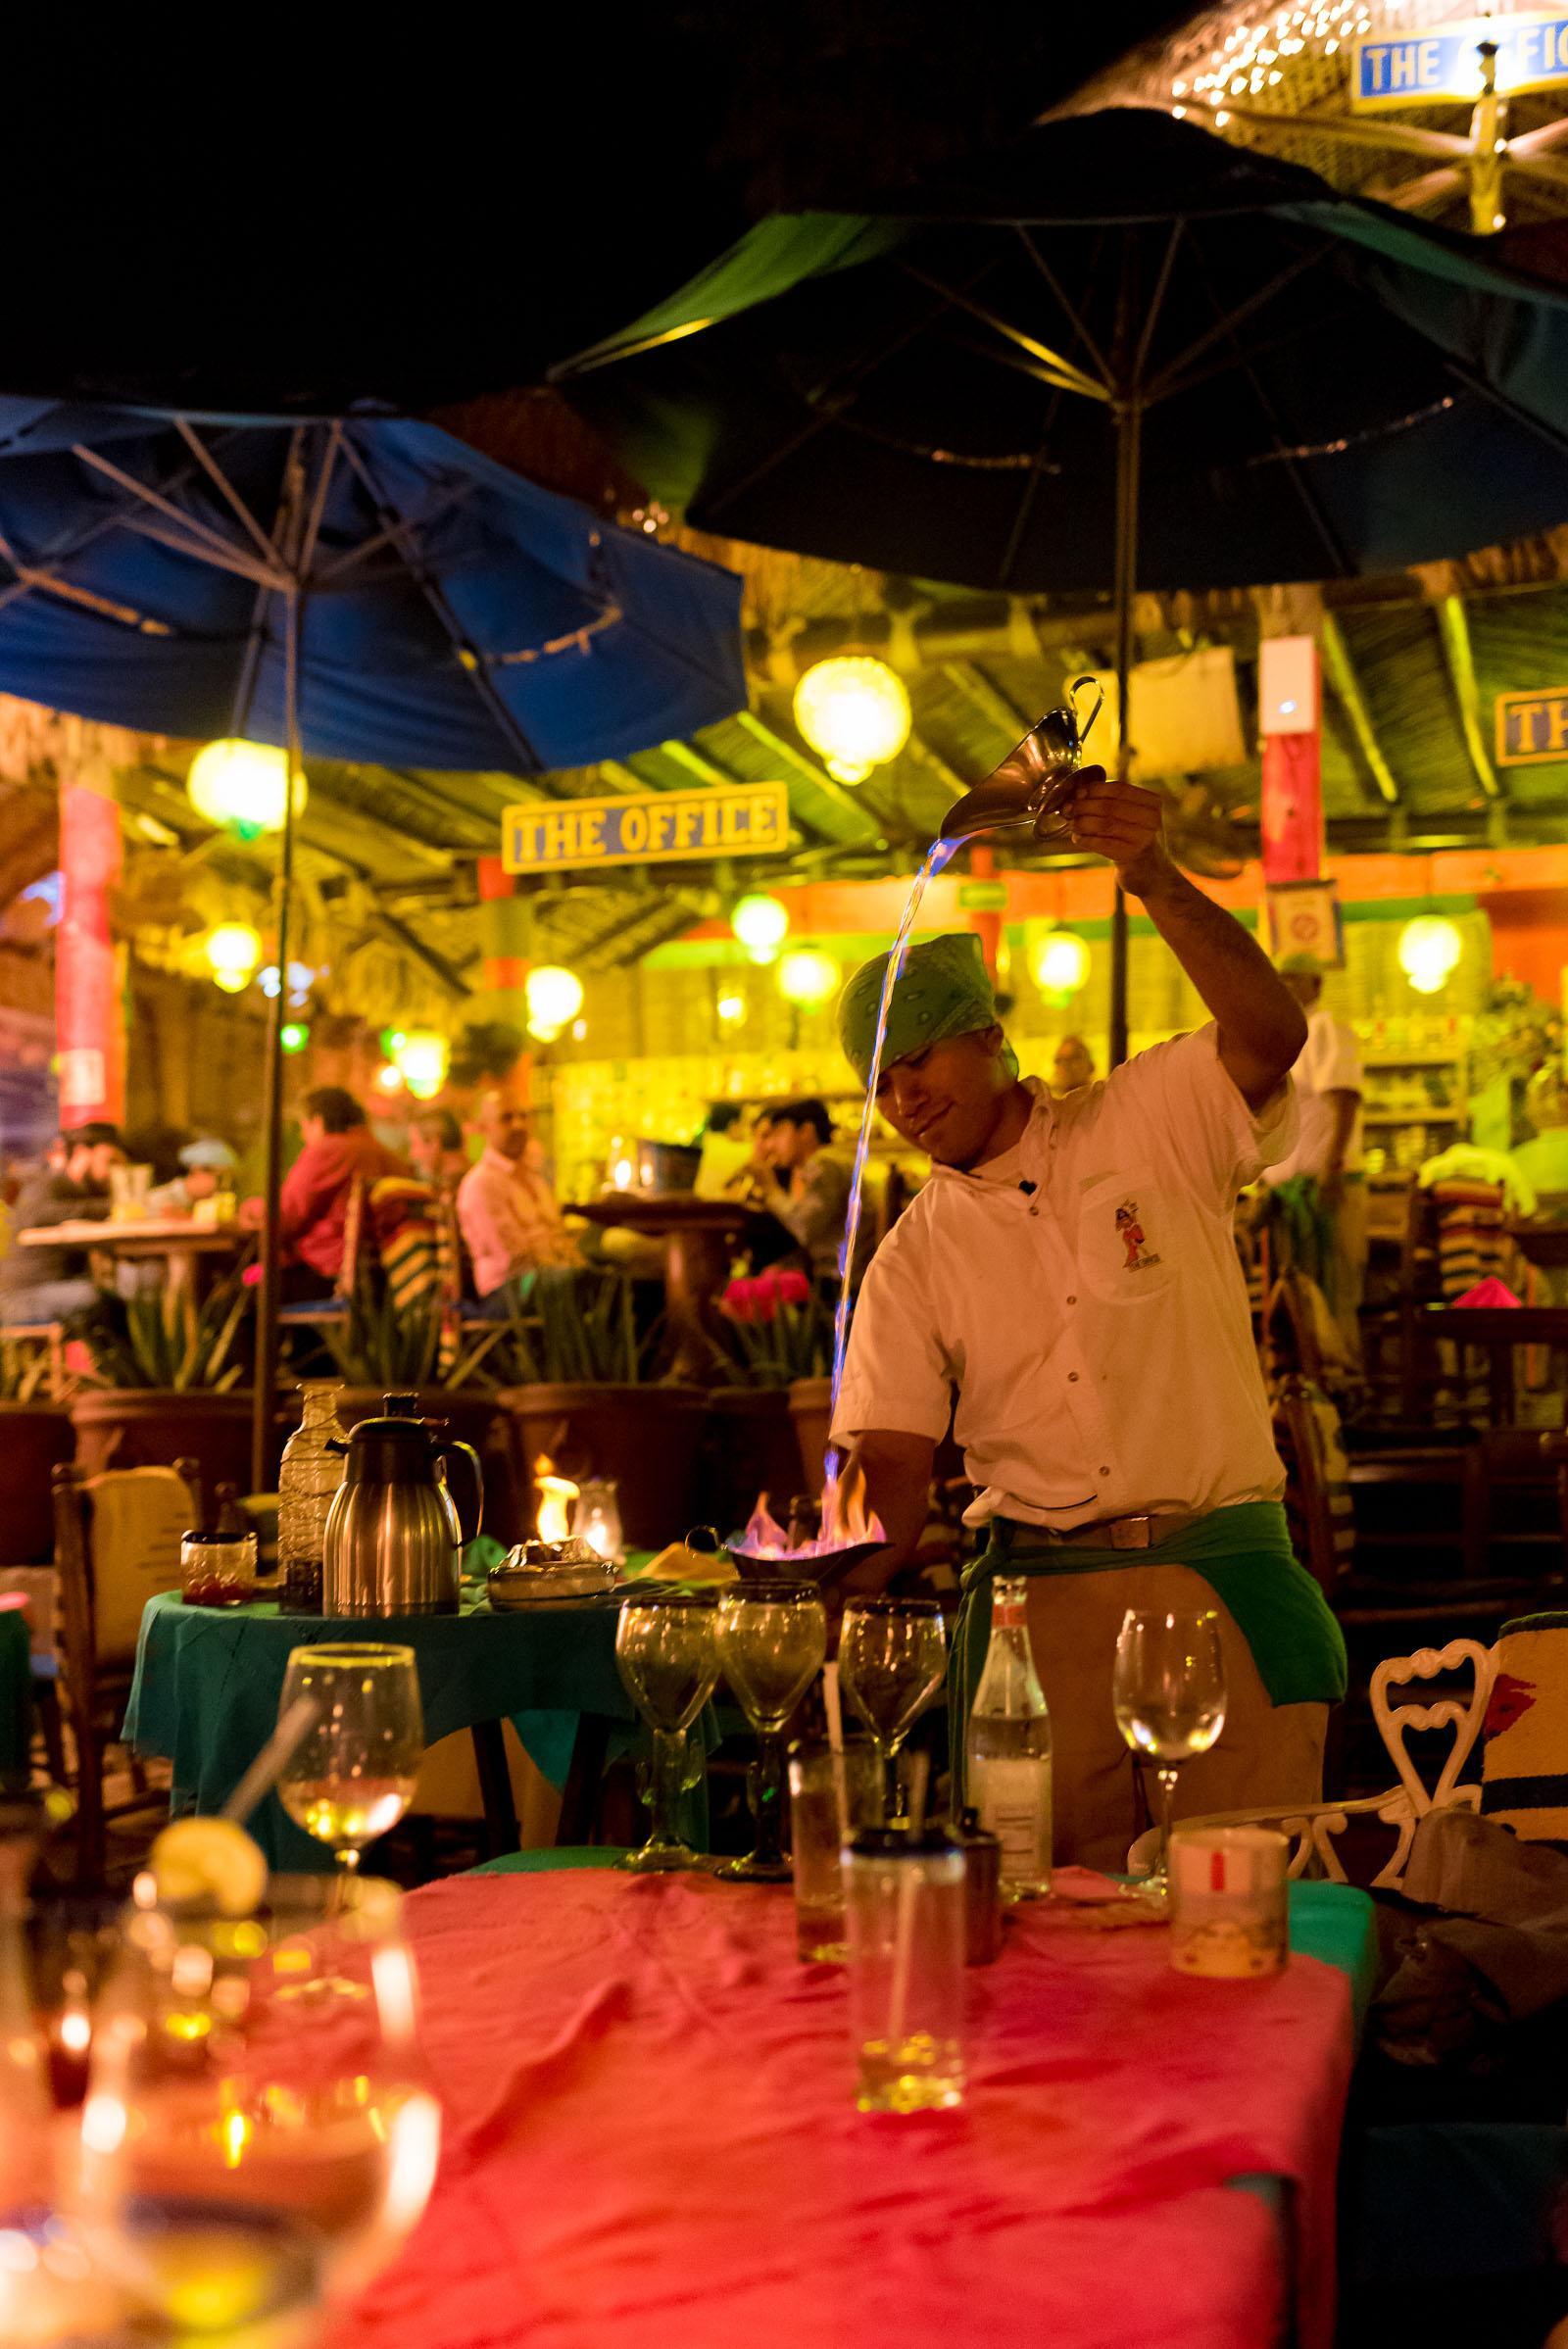 The Office Cabo San Lucas Mexico